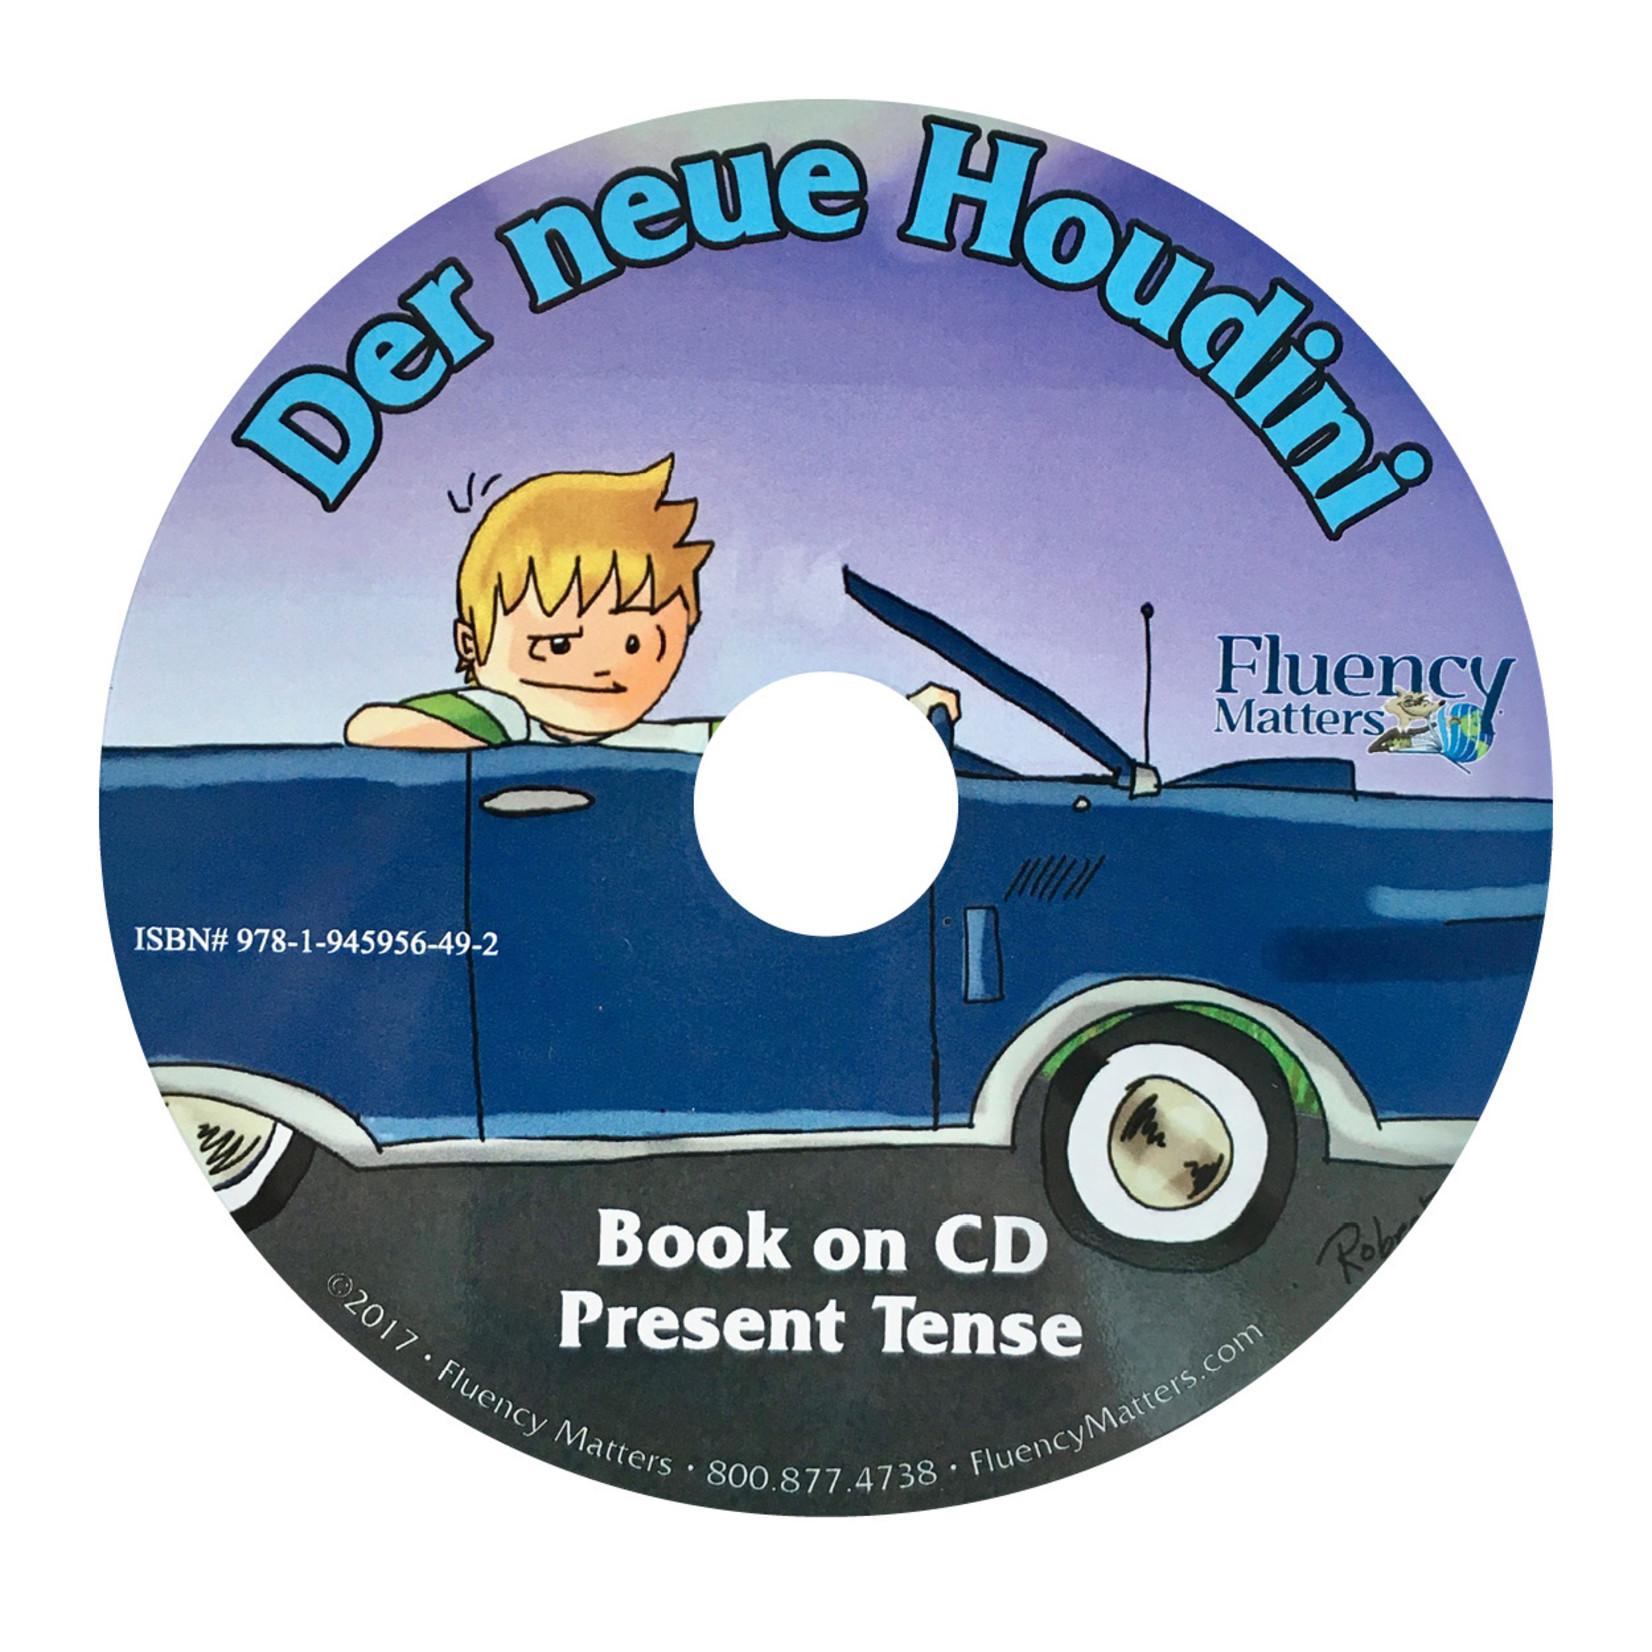 Fluency Matters Der neue Houdini - Audiobook